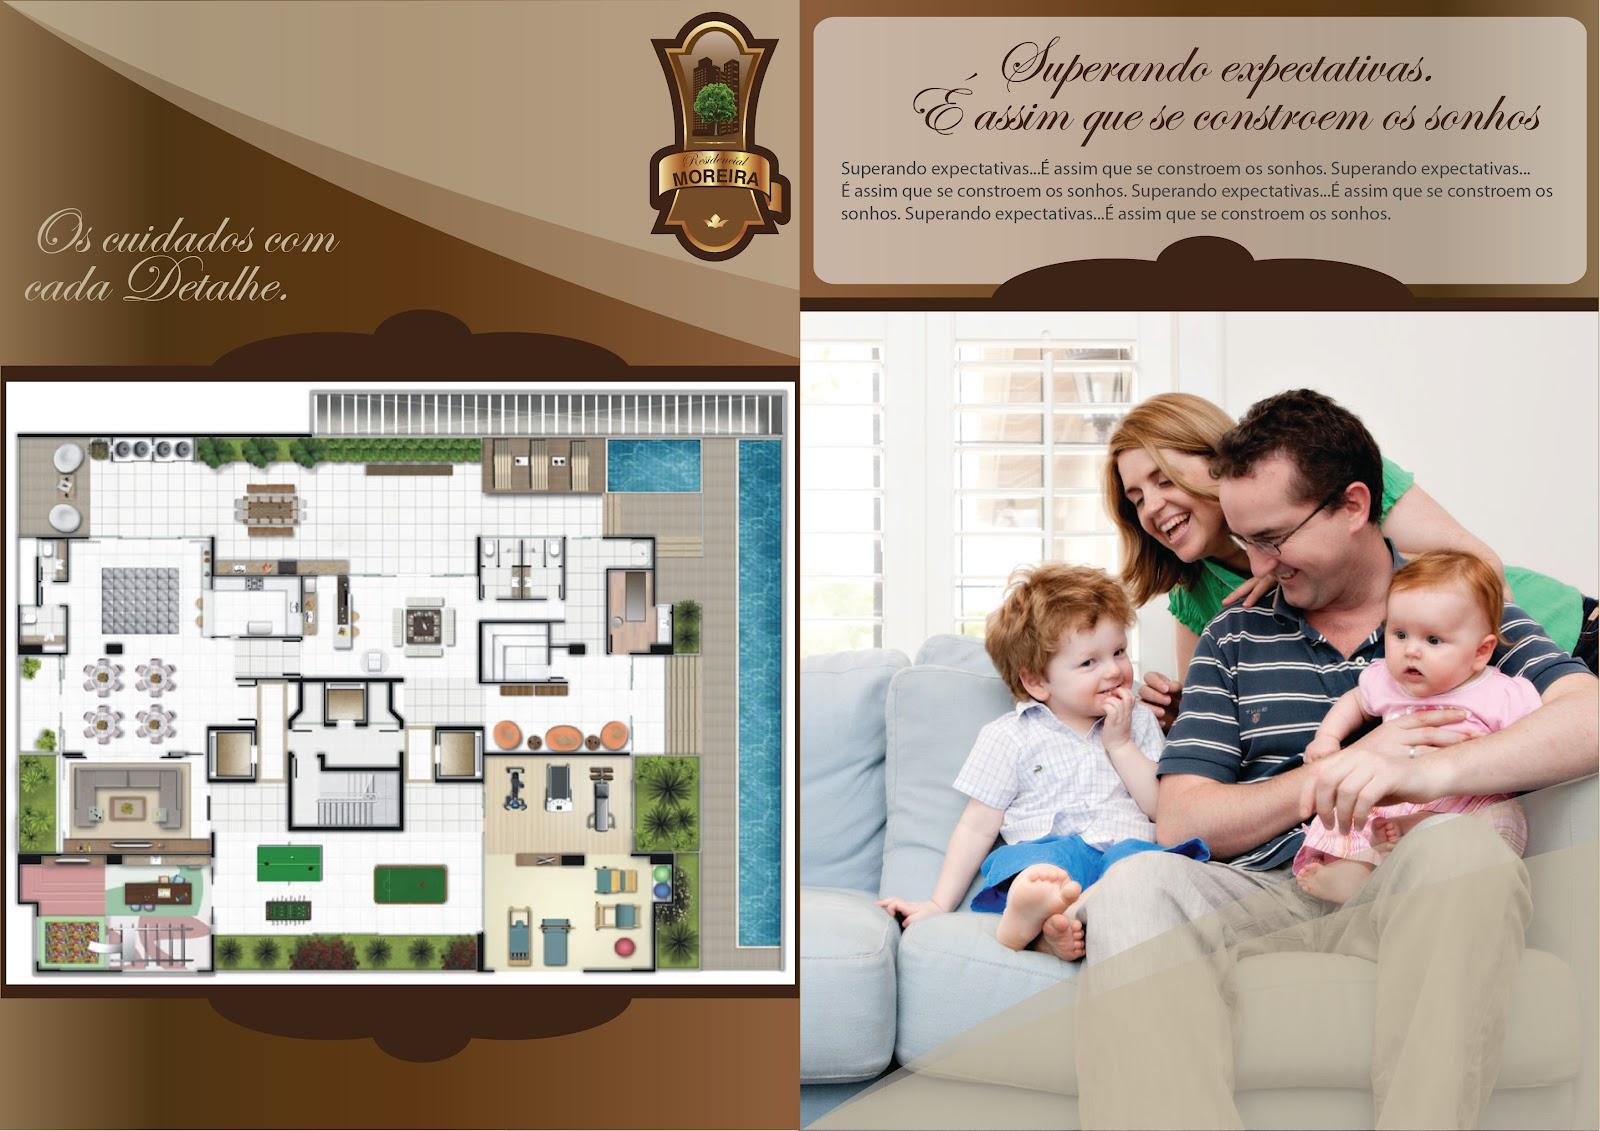 http://1.bp.blogspot.com/-z0gB_Mk-IqQ/T6gEjQH8wyI/AAAAAAAABJk/zlvucLKiDmw/s1600/Residencial+Moreira_13.jpg